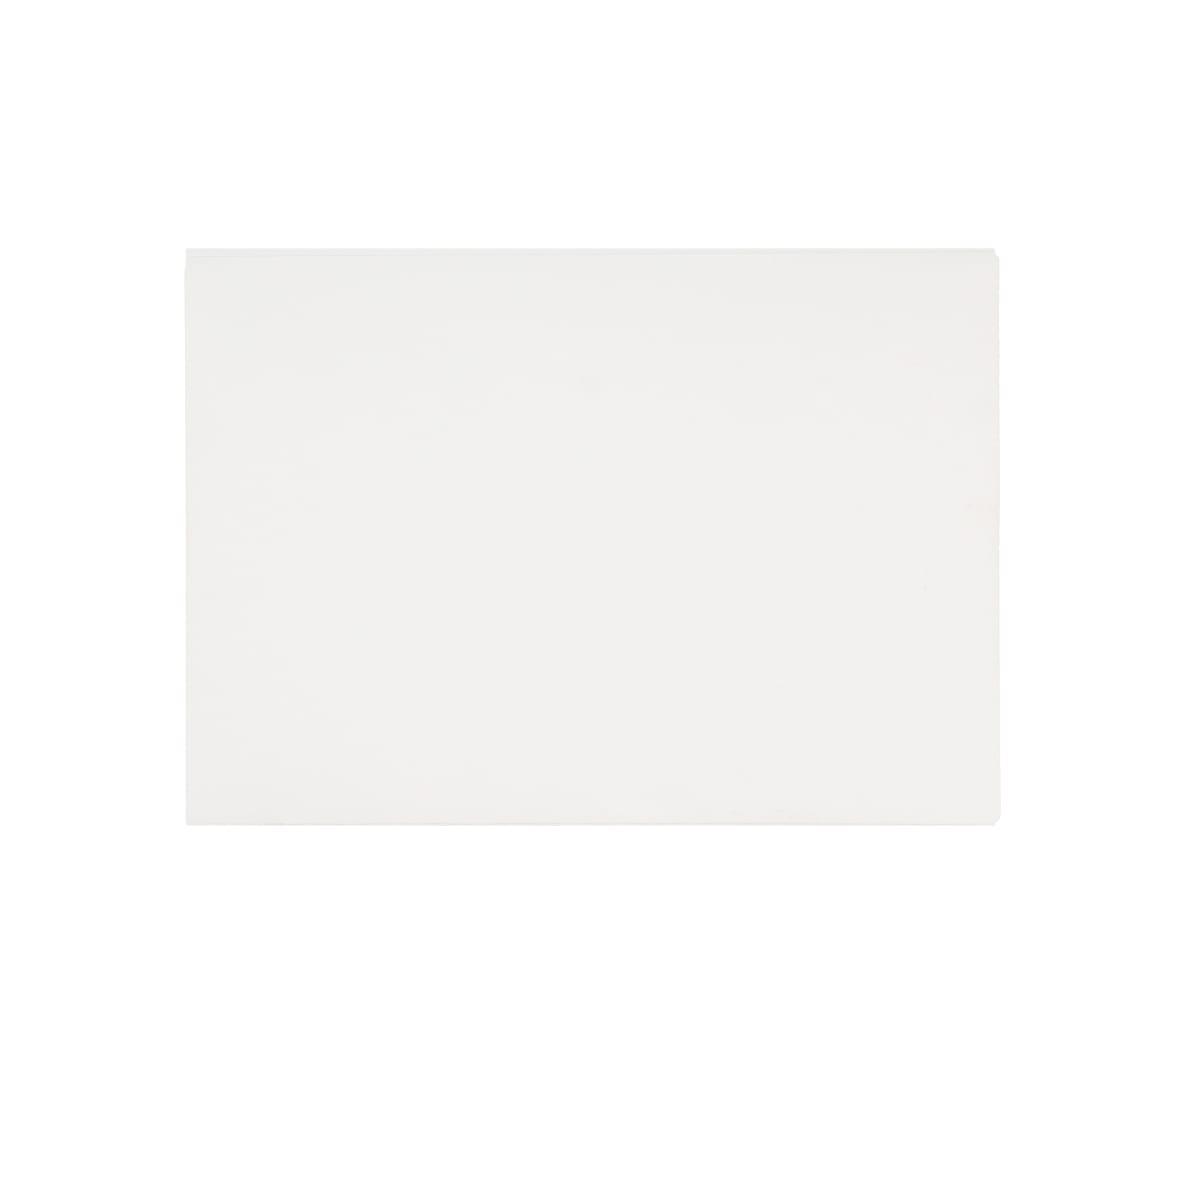 WHITE 135GSM FINE LINEN EFFECT 152 x 216 mm ENVELOPES (i9)